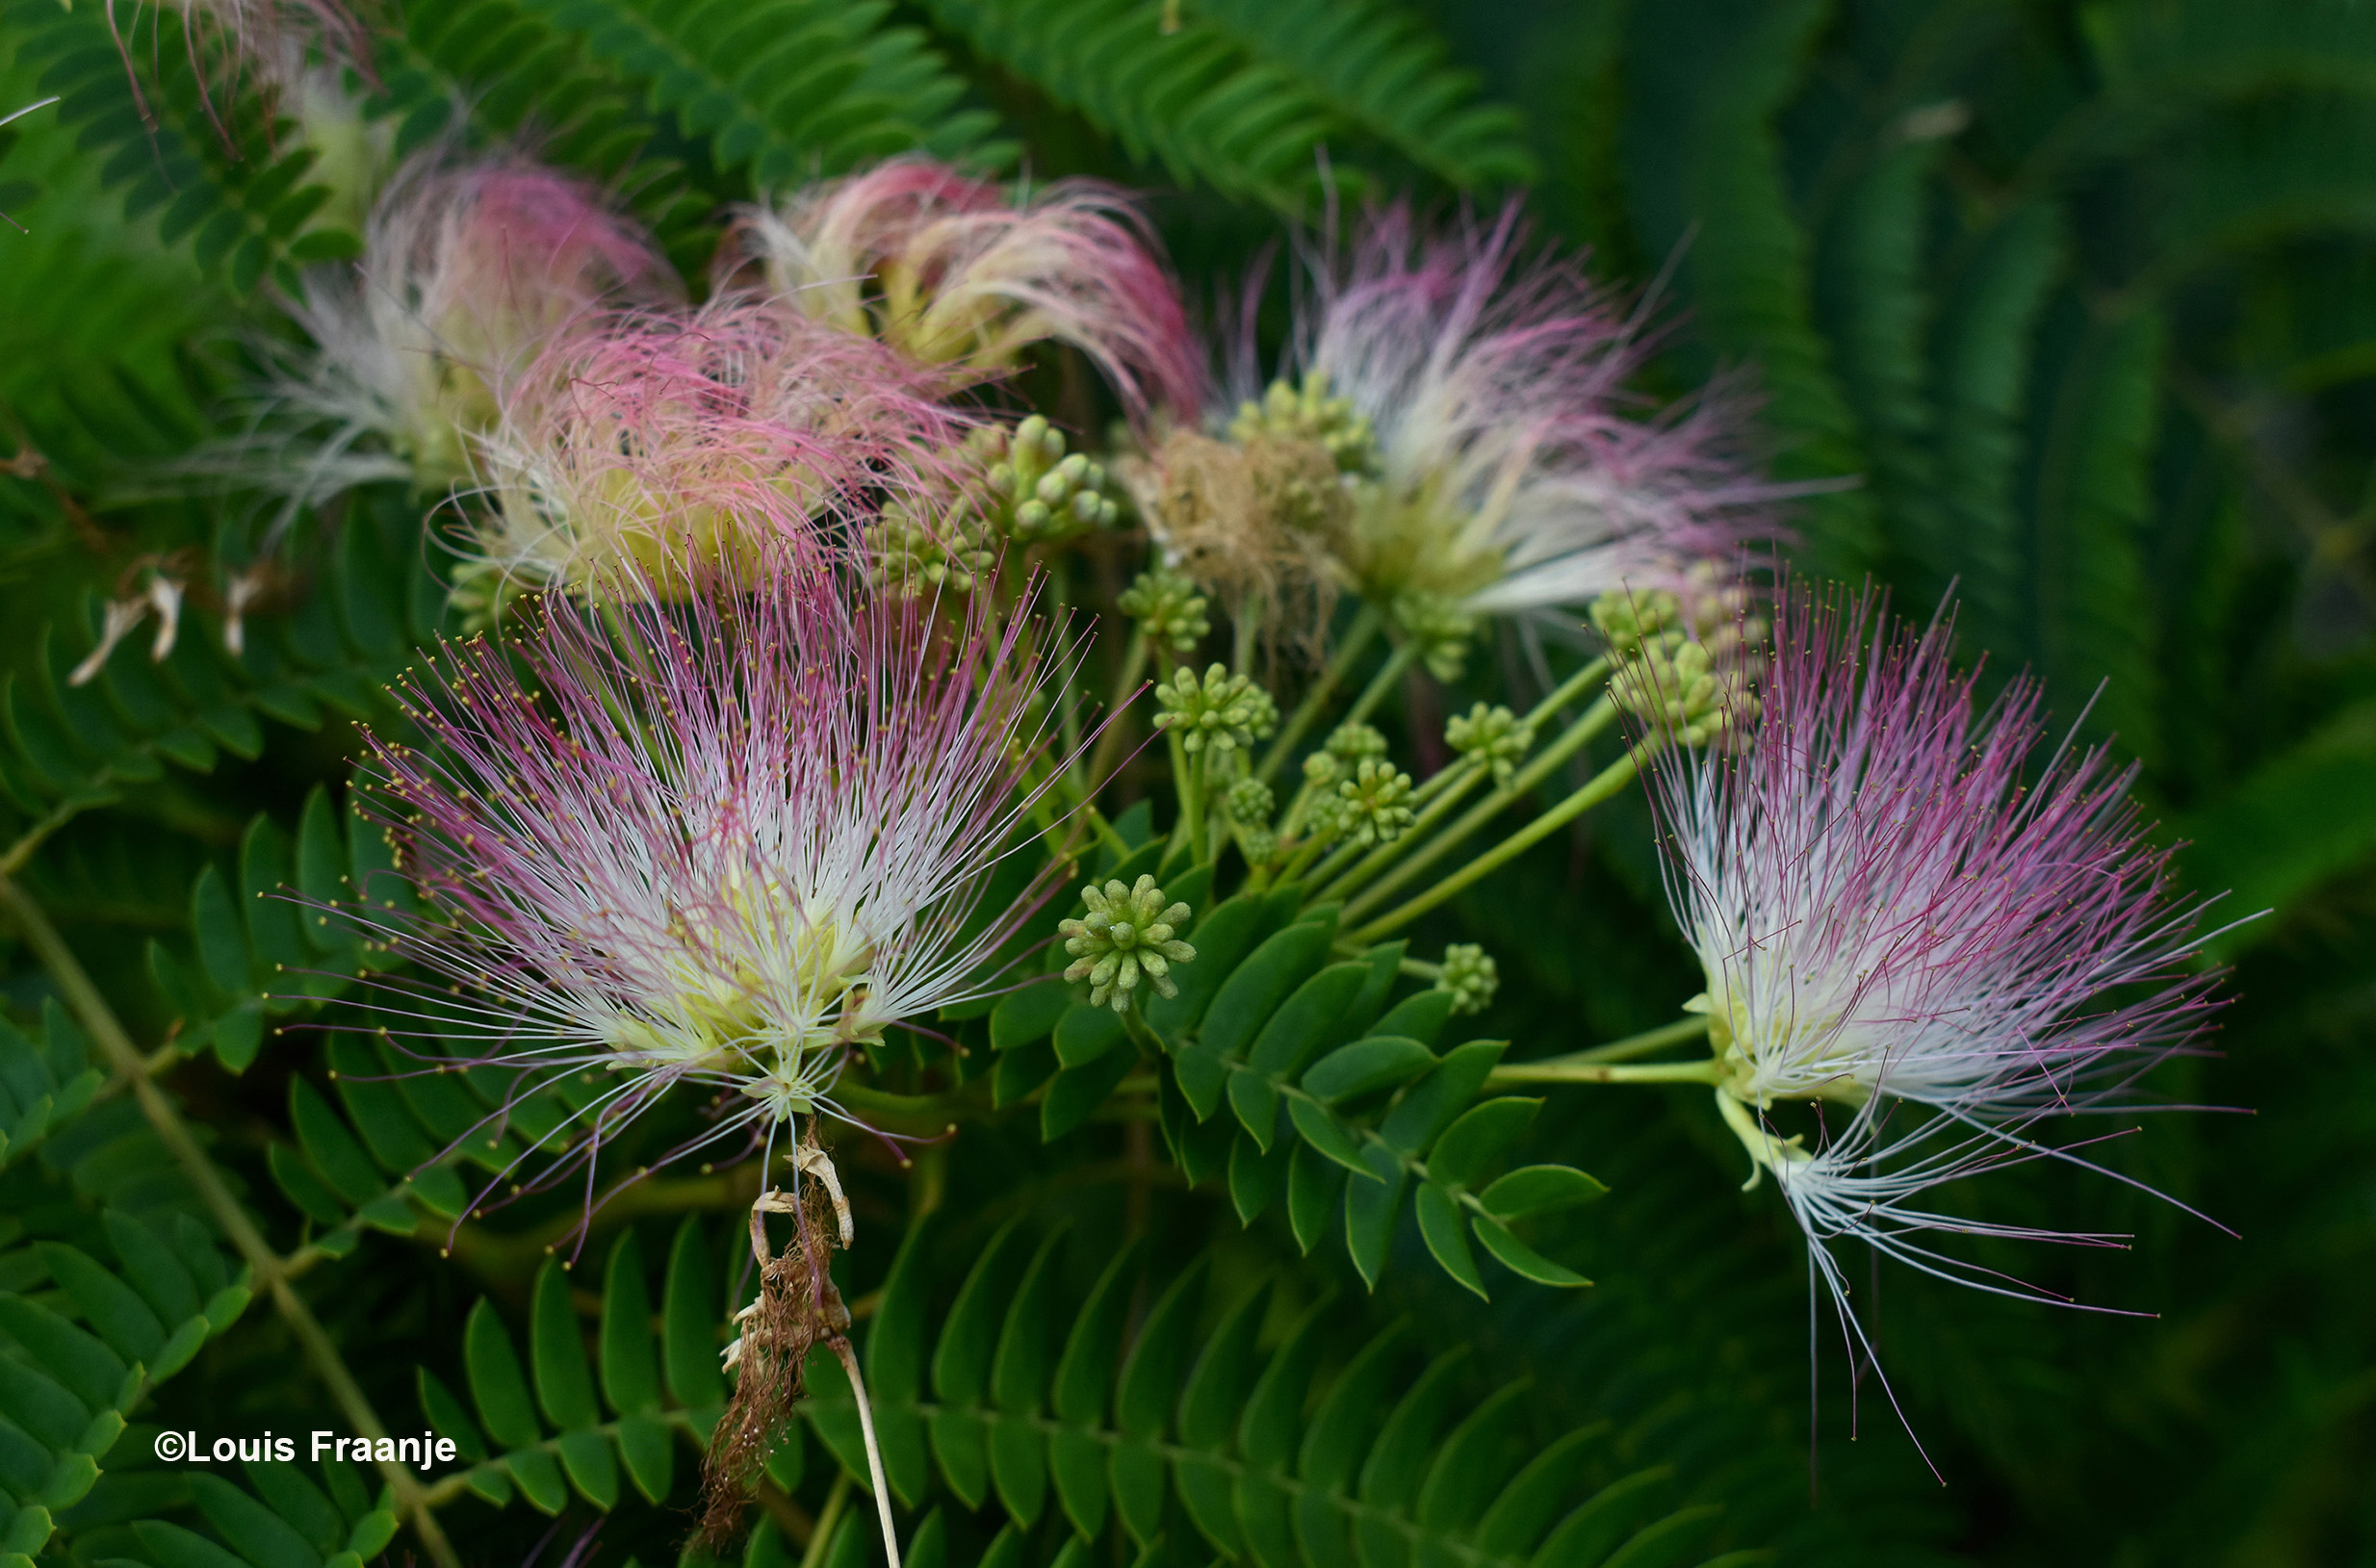 Dit is de uitbundige bloeiwijze van de boom - Foto: ©Louis Fraanje